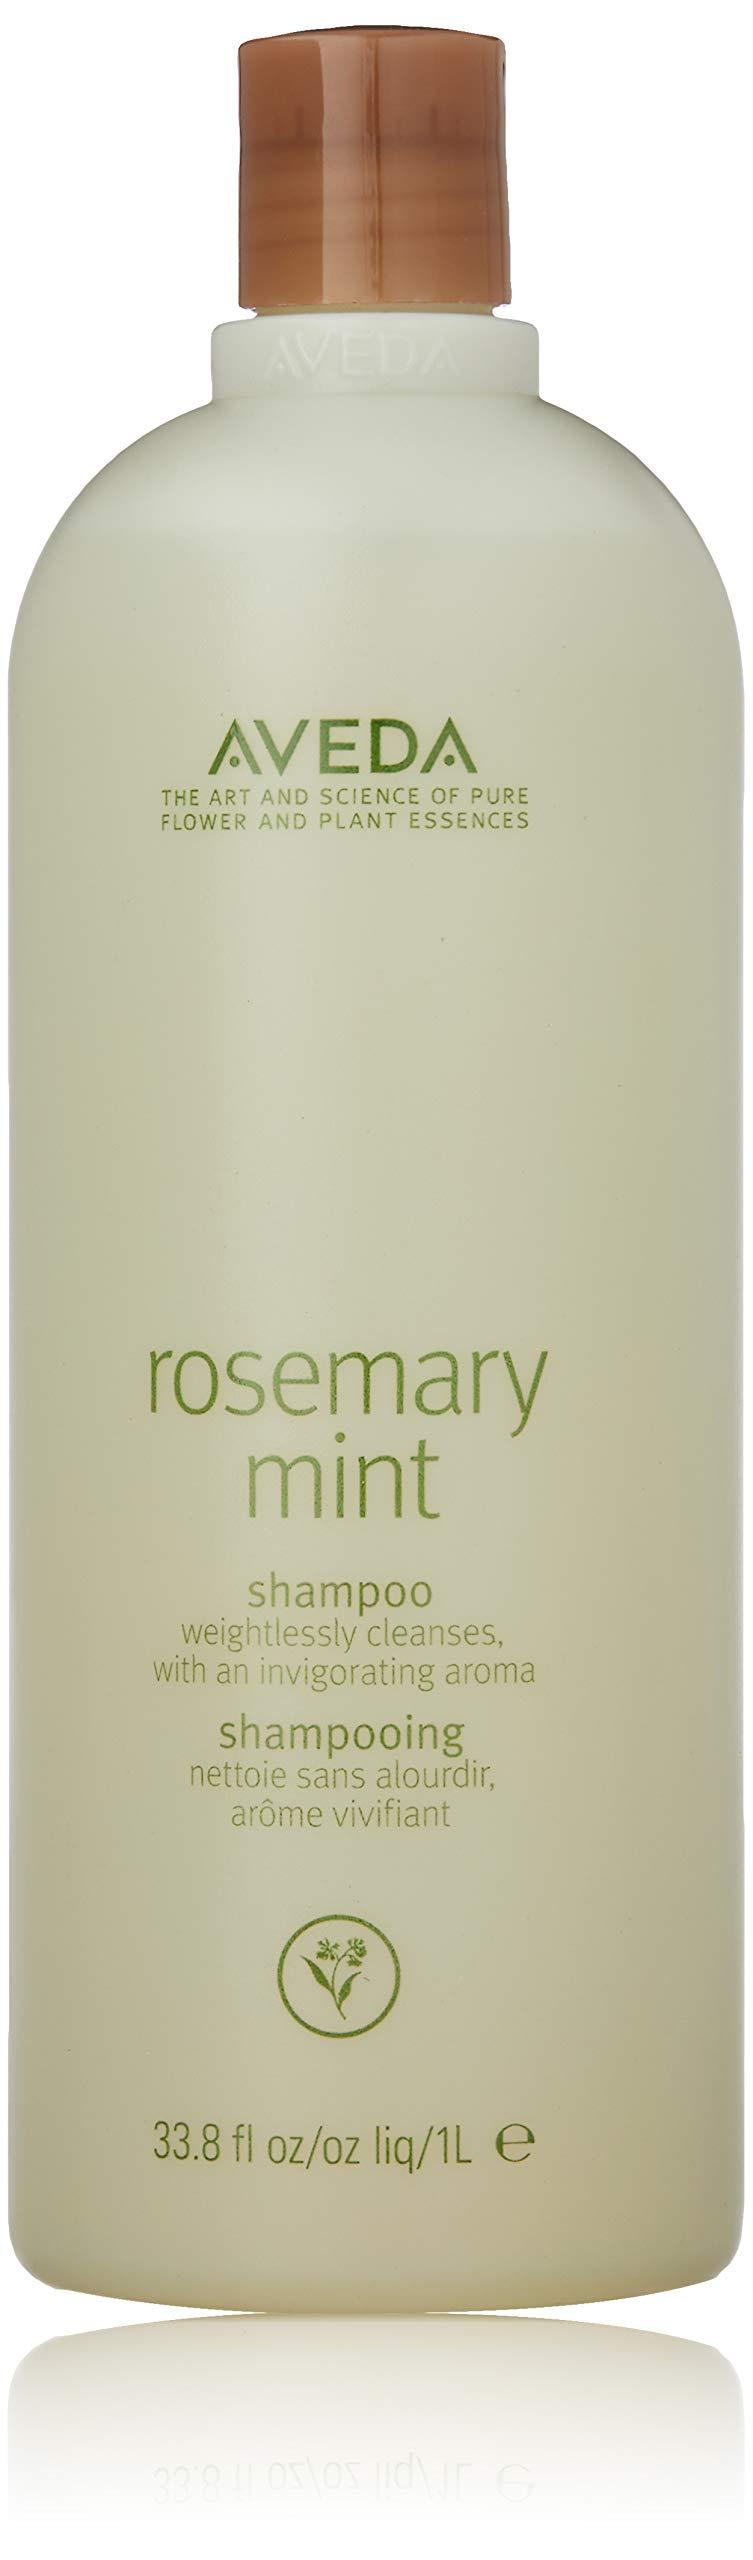 Aveda Rosemary Mint Shampoo, 33.8-Ounce Bottles by AVEDA